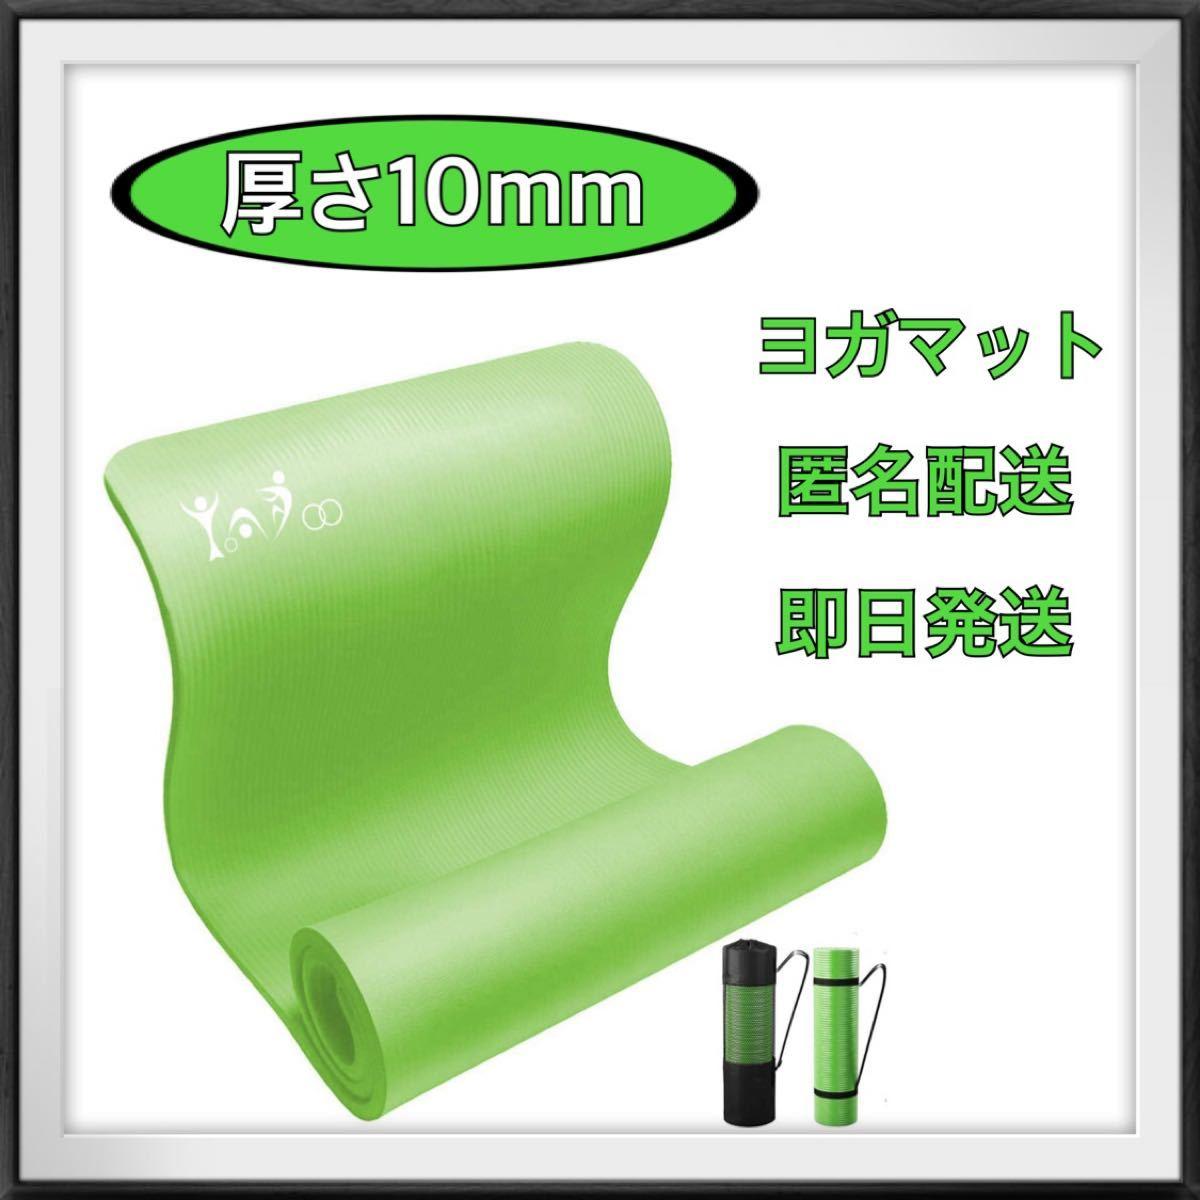 ヨガマット 10mm トレーニング エクササイズ ピラティス ストレッチ 新品